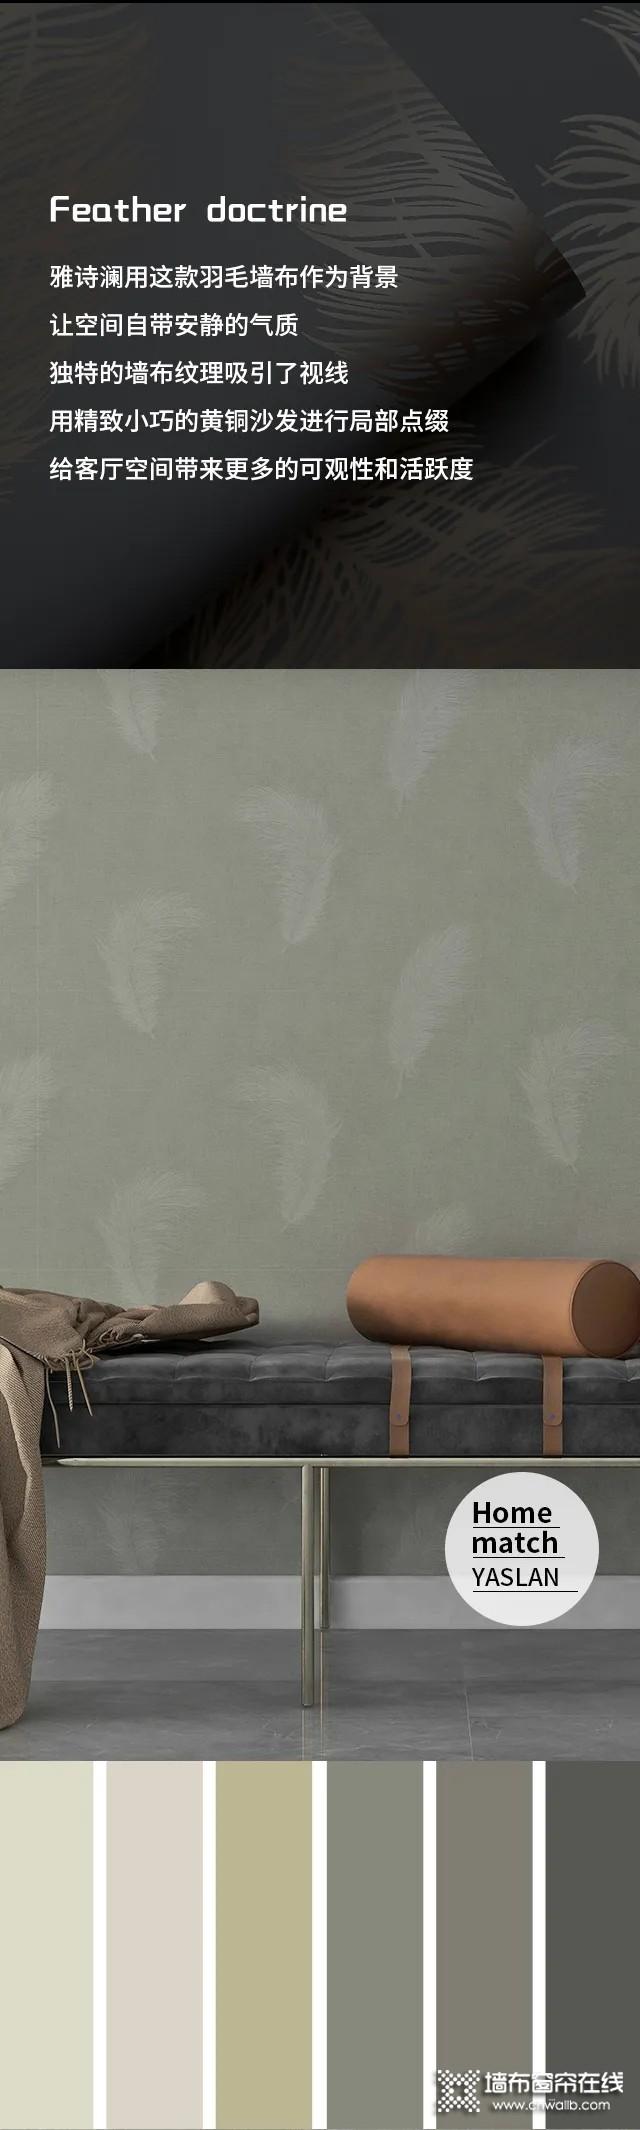 雅诗澜墙布窗帘清简时髦的羽毛墙面效果图